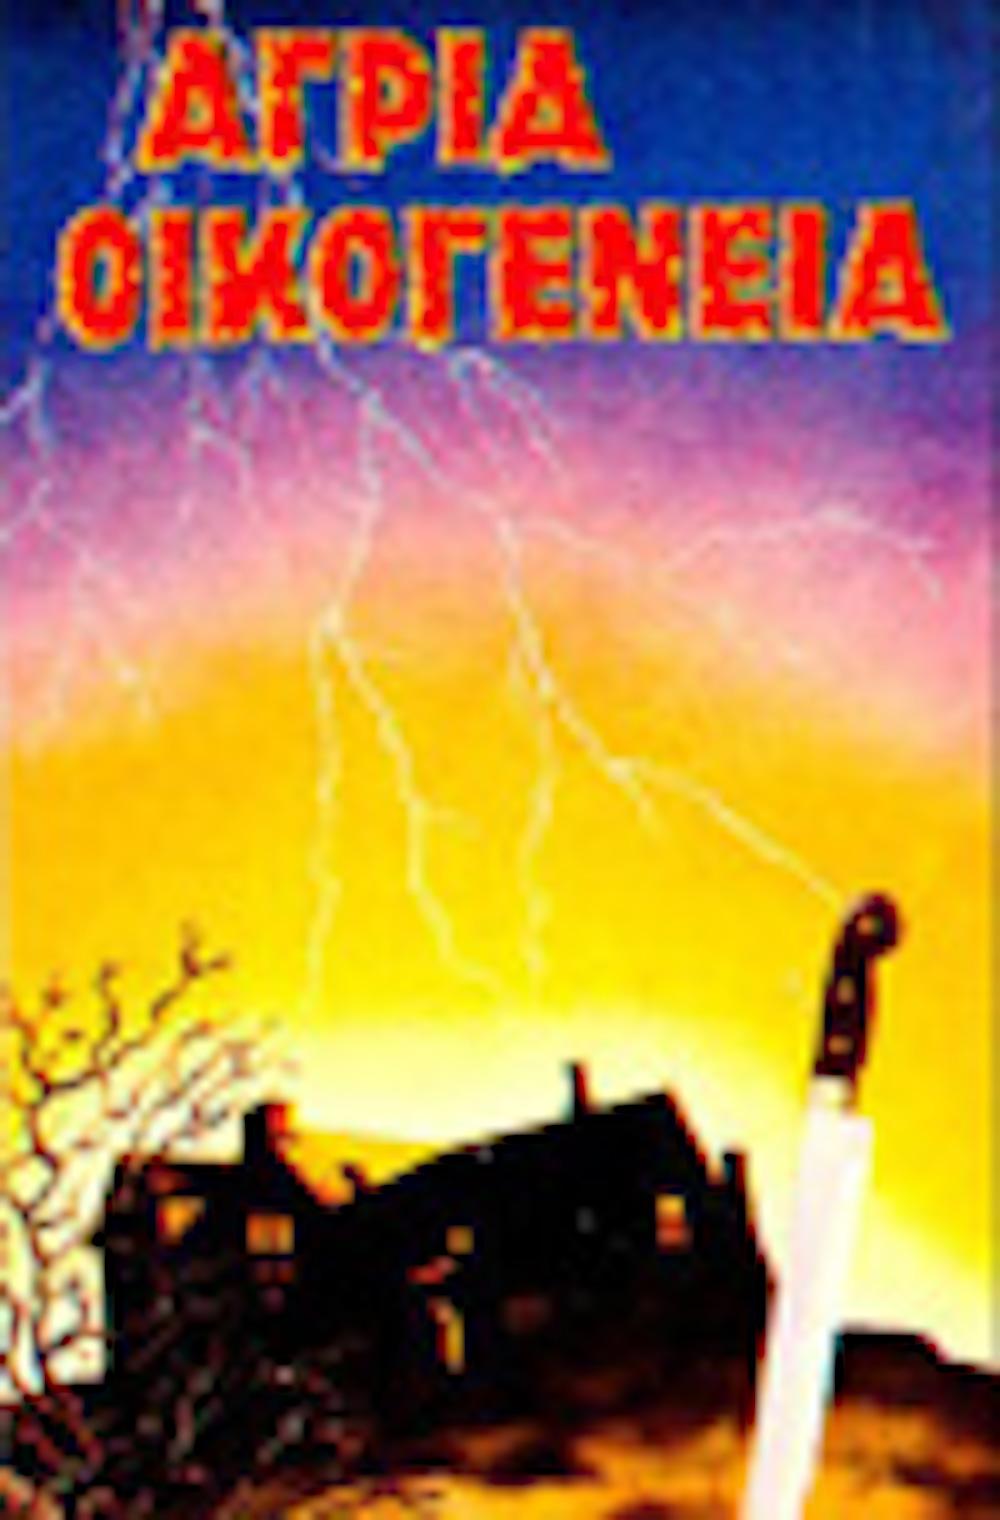 Agria oikogeneia (1979)